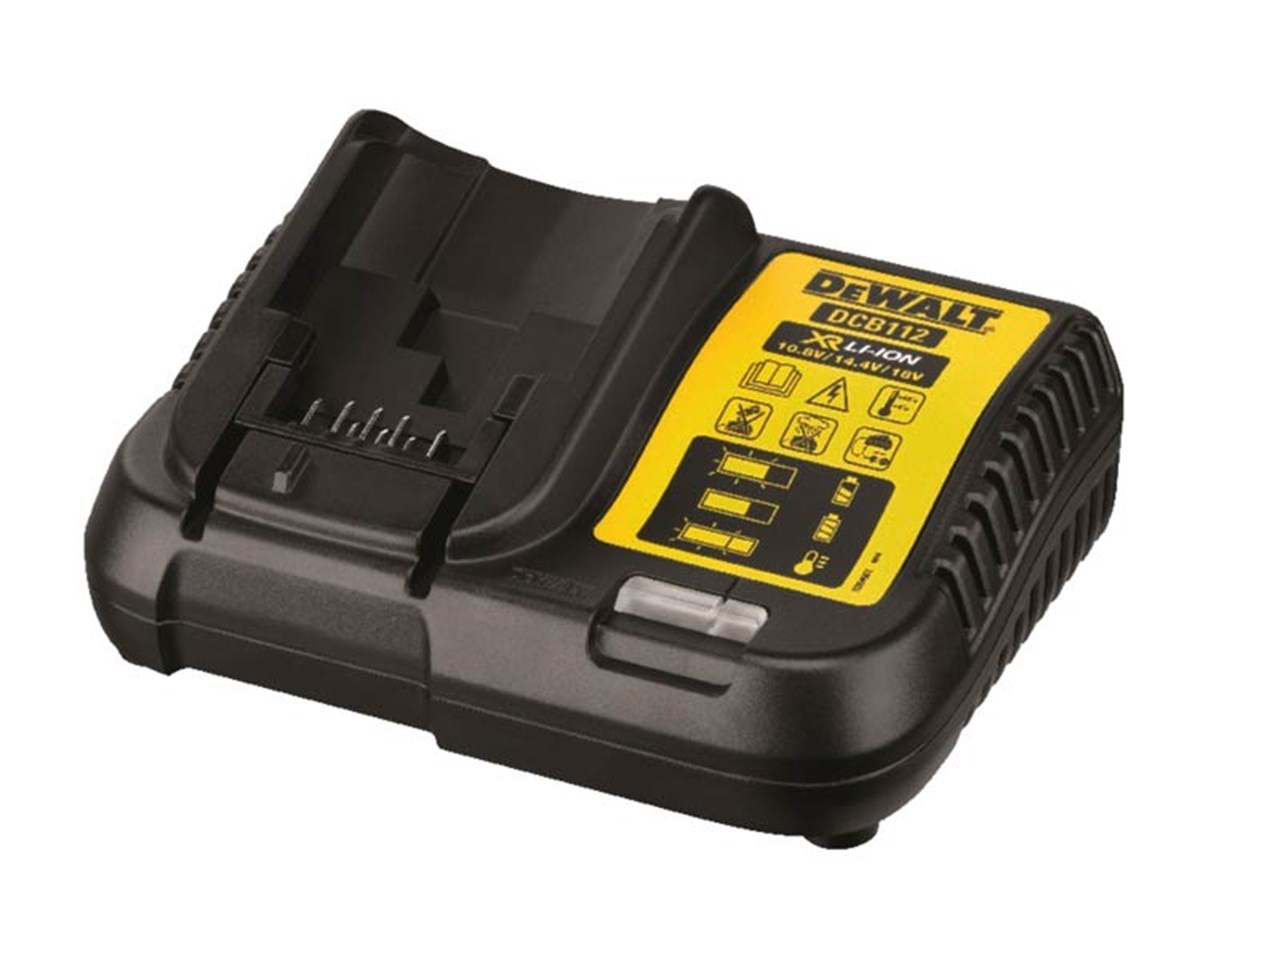 Dewalt Dcb113 10 8v 18v Xr Compact Charger